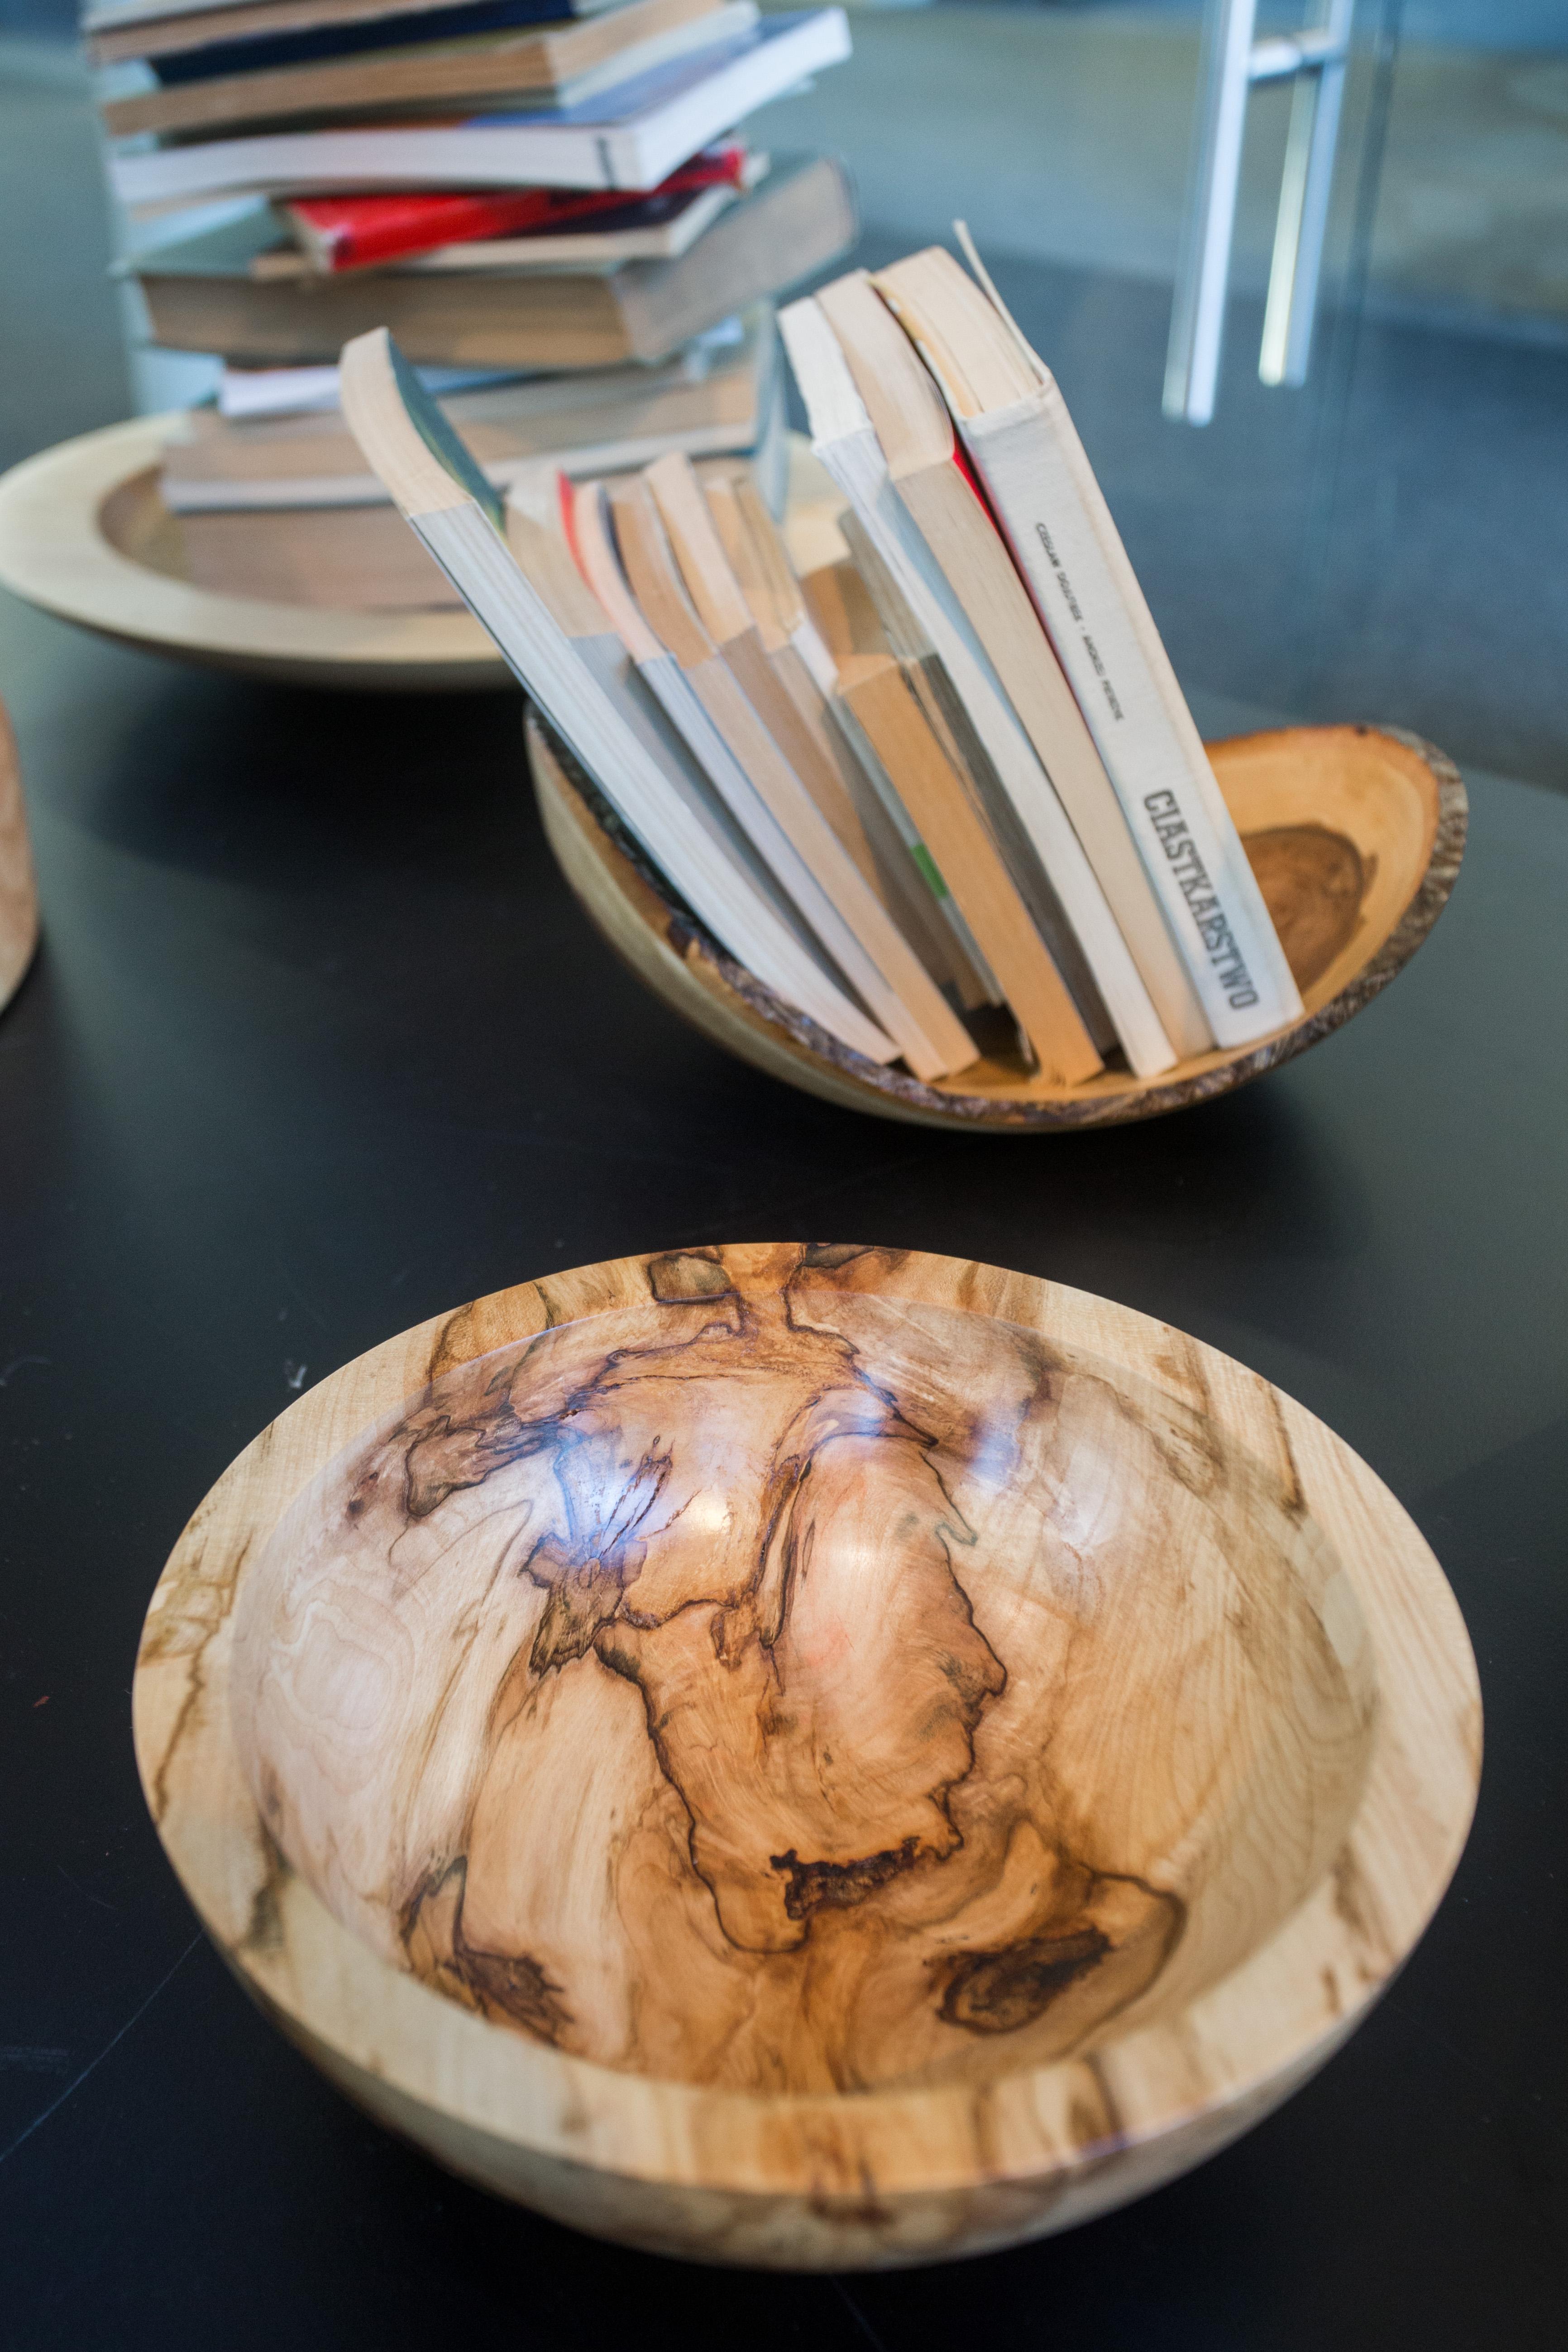 Donitza Toczenie w Drewnie - wystawa